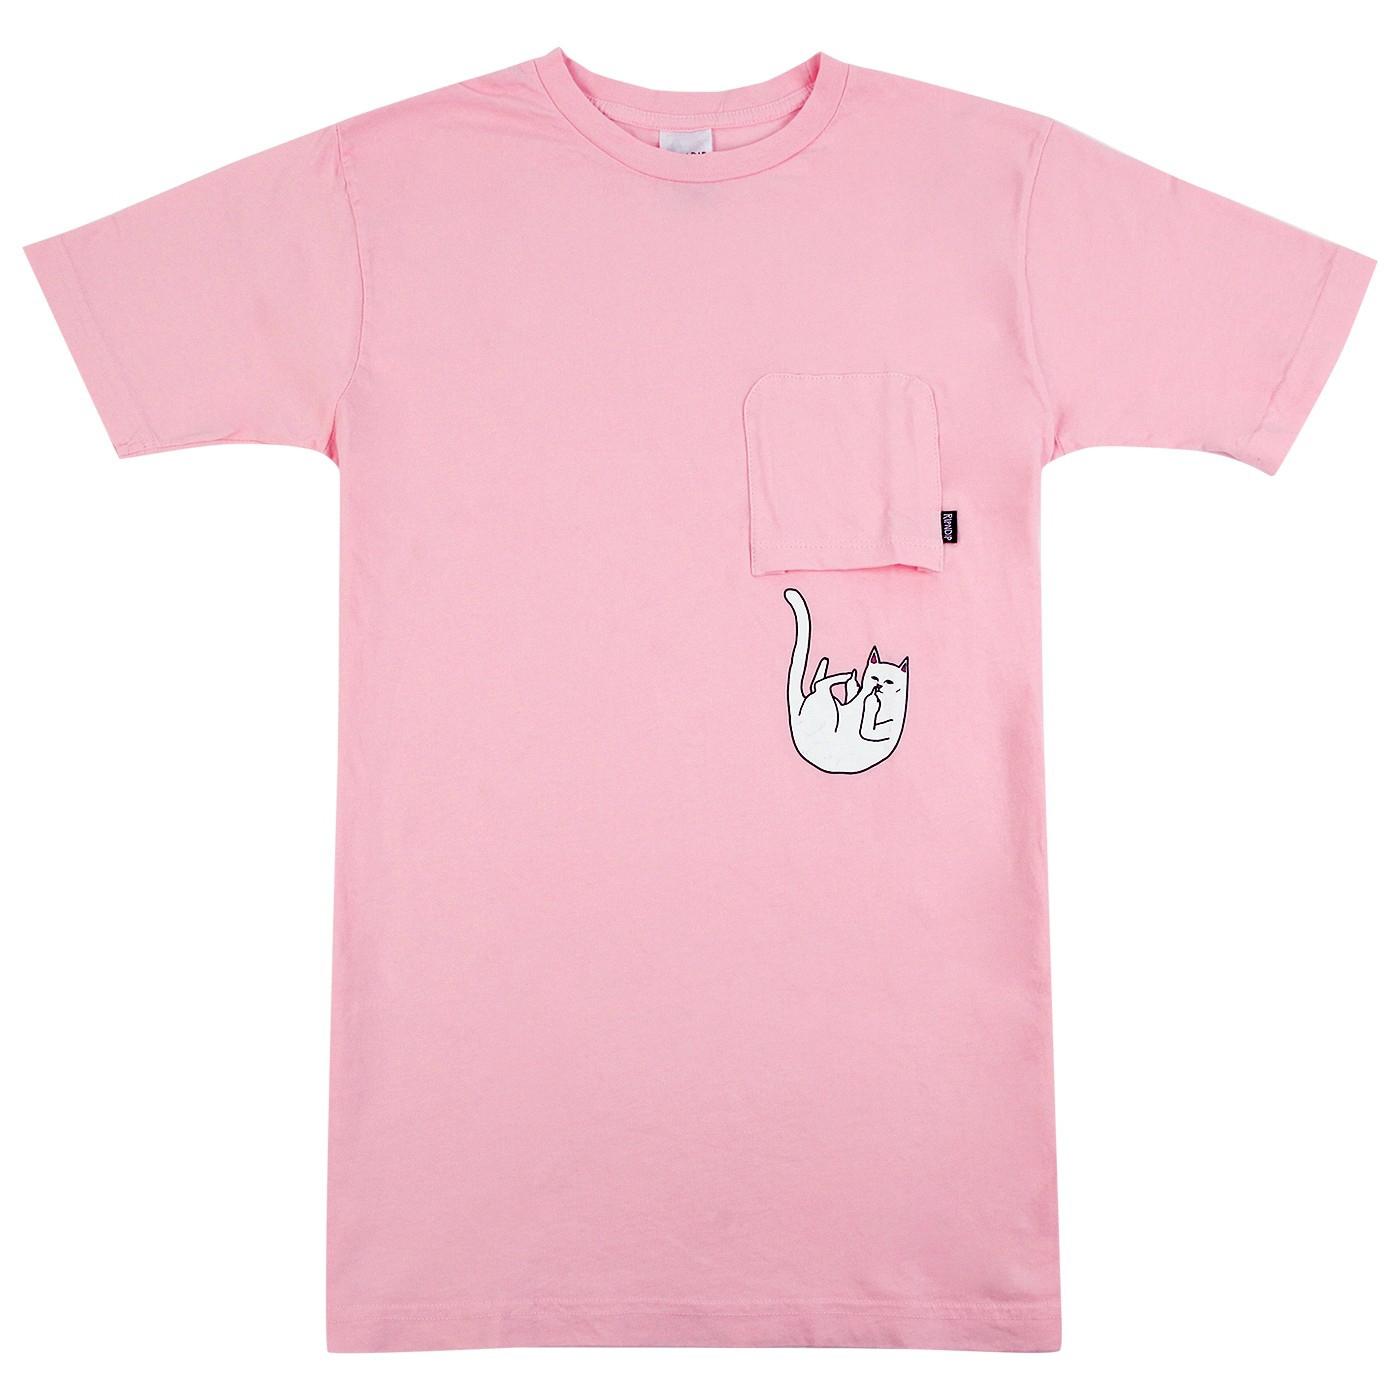 Stray Clothing Brand